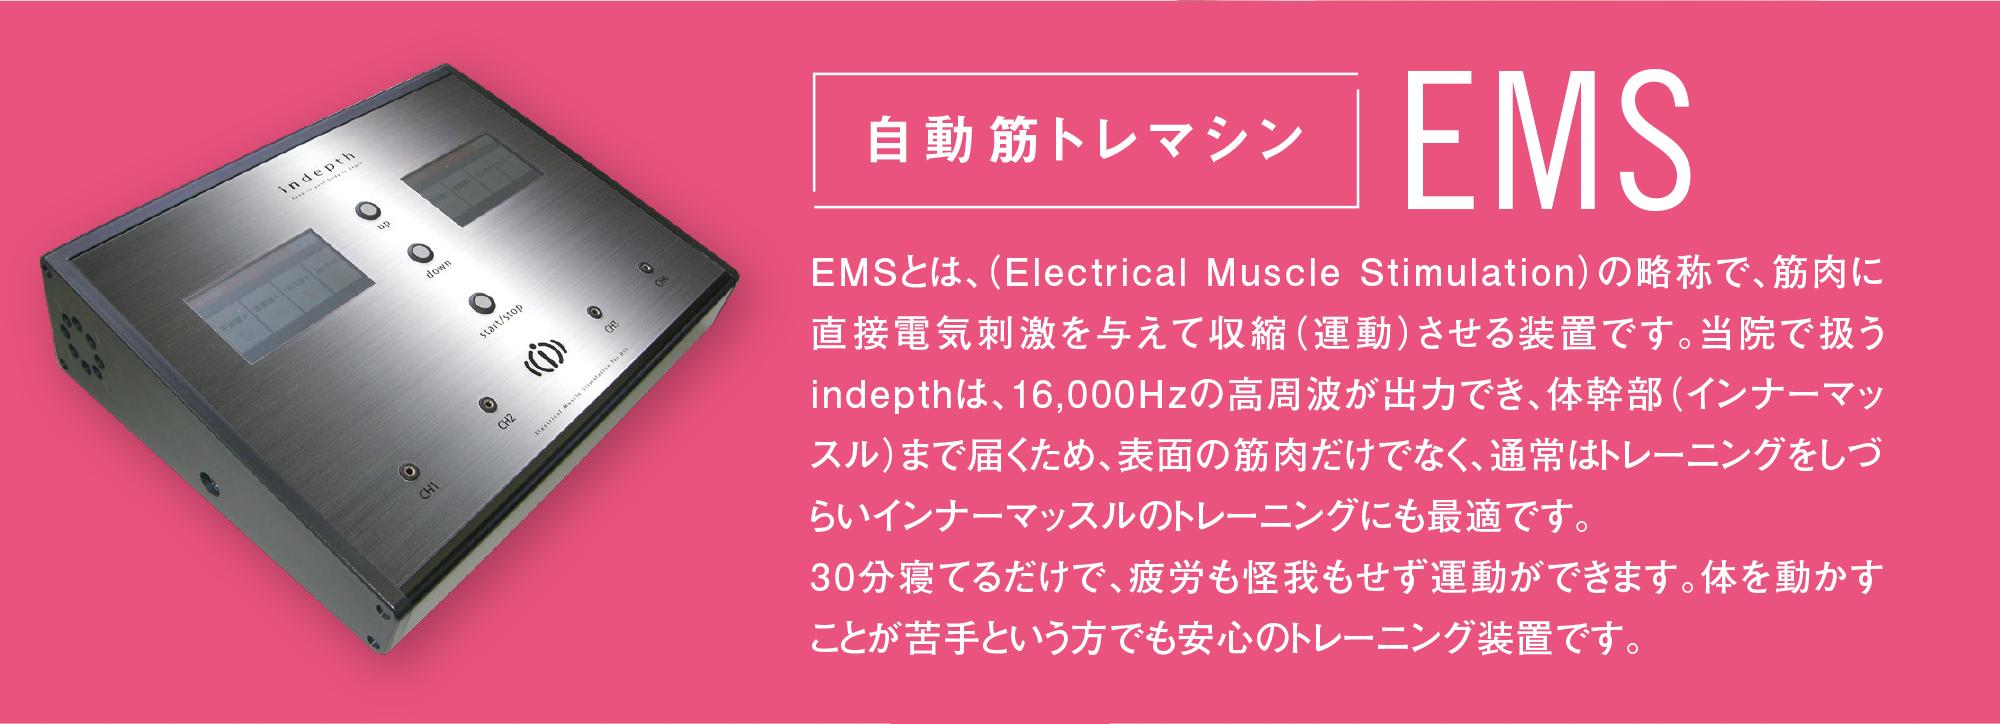 自動筋トレマシン〜EMS